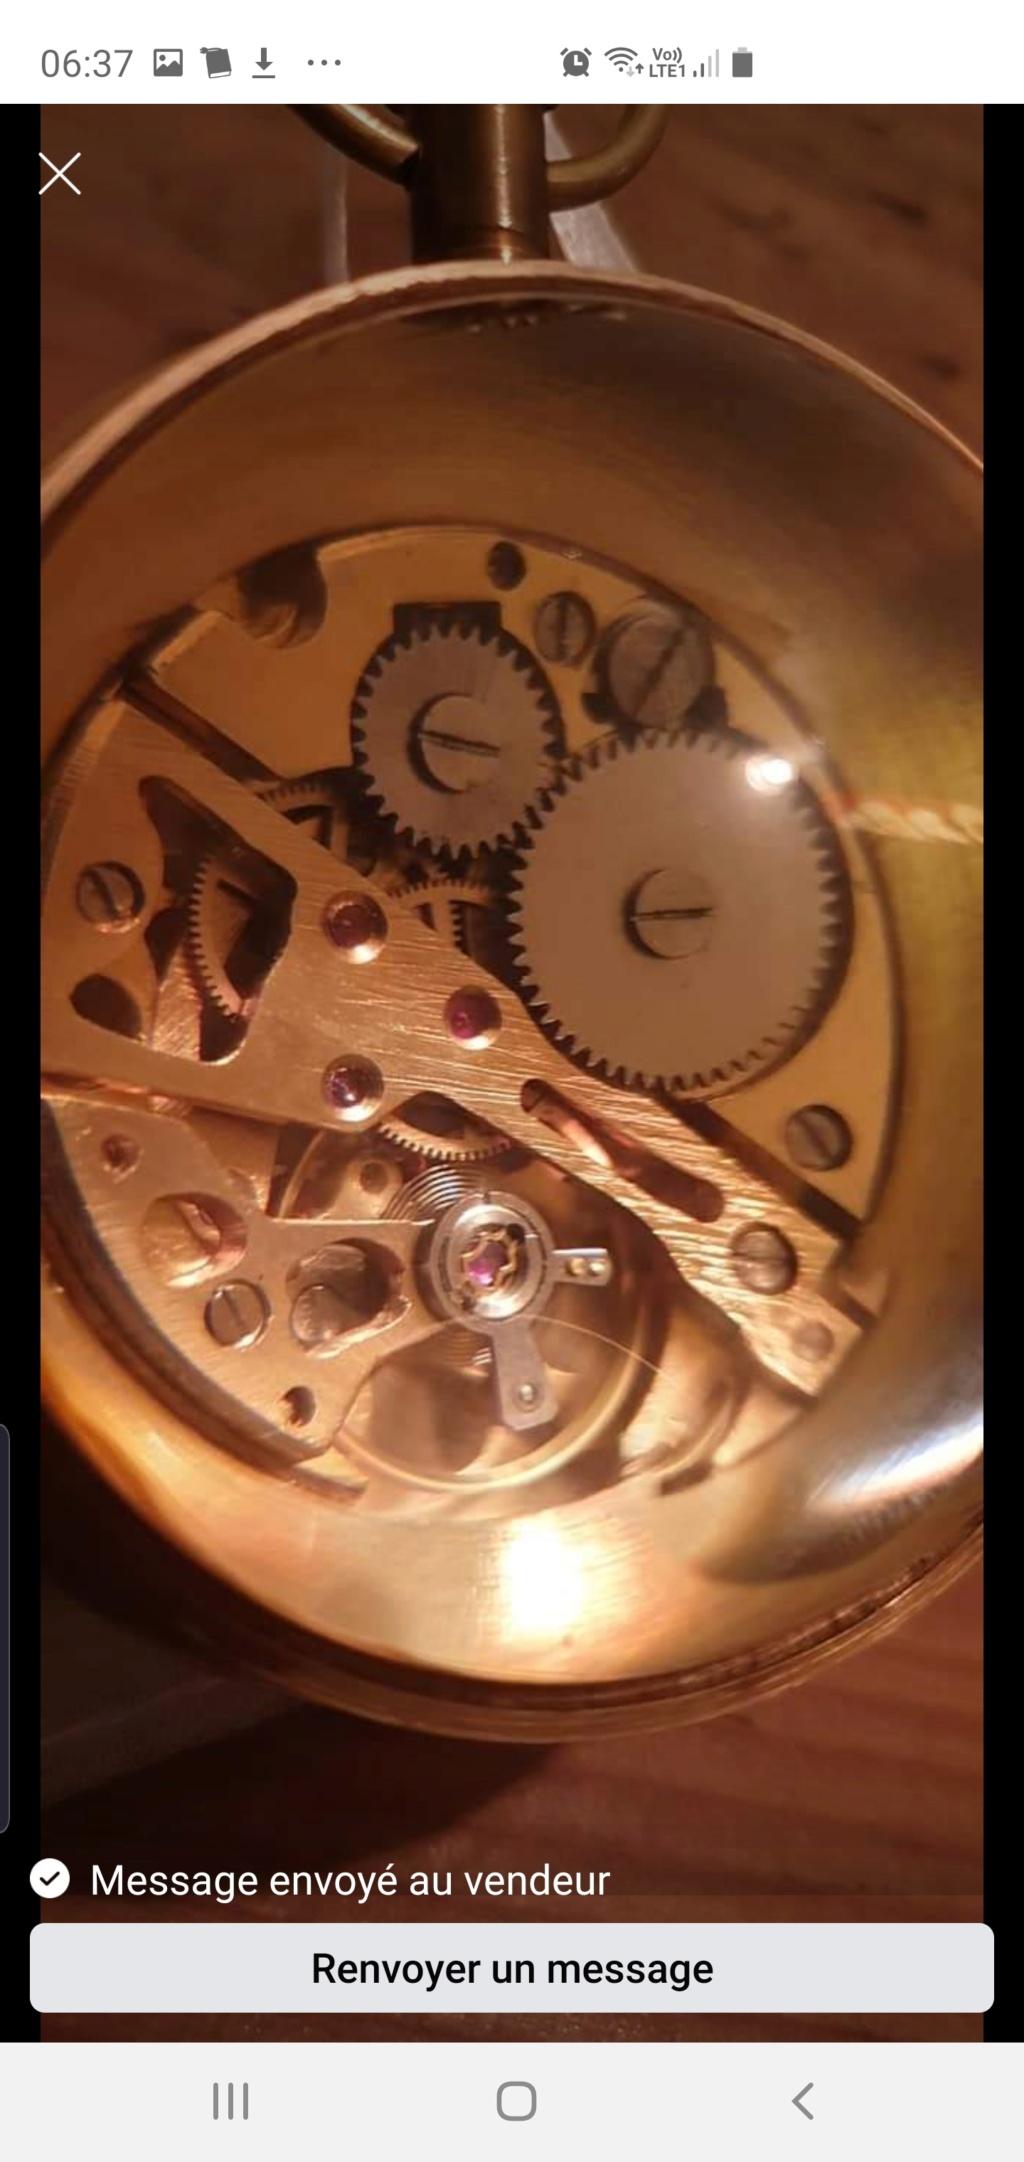 Une montre 'boule' trouvée en brocante Screen15